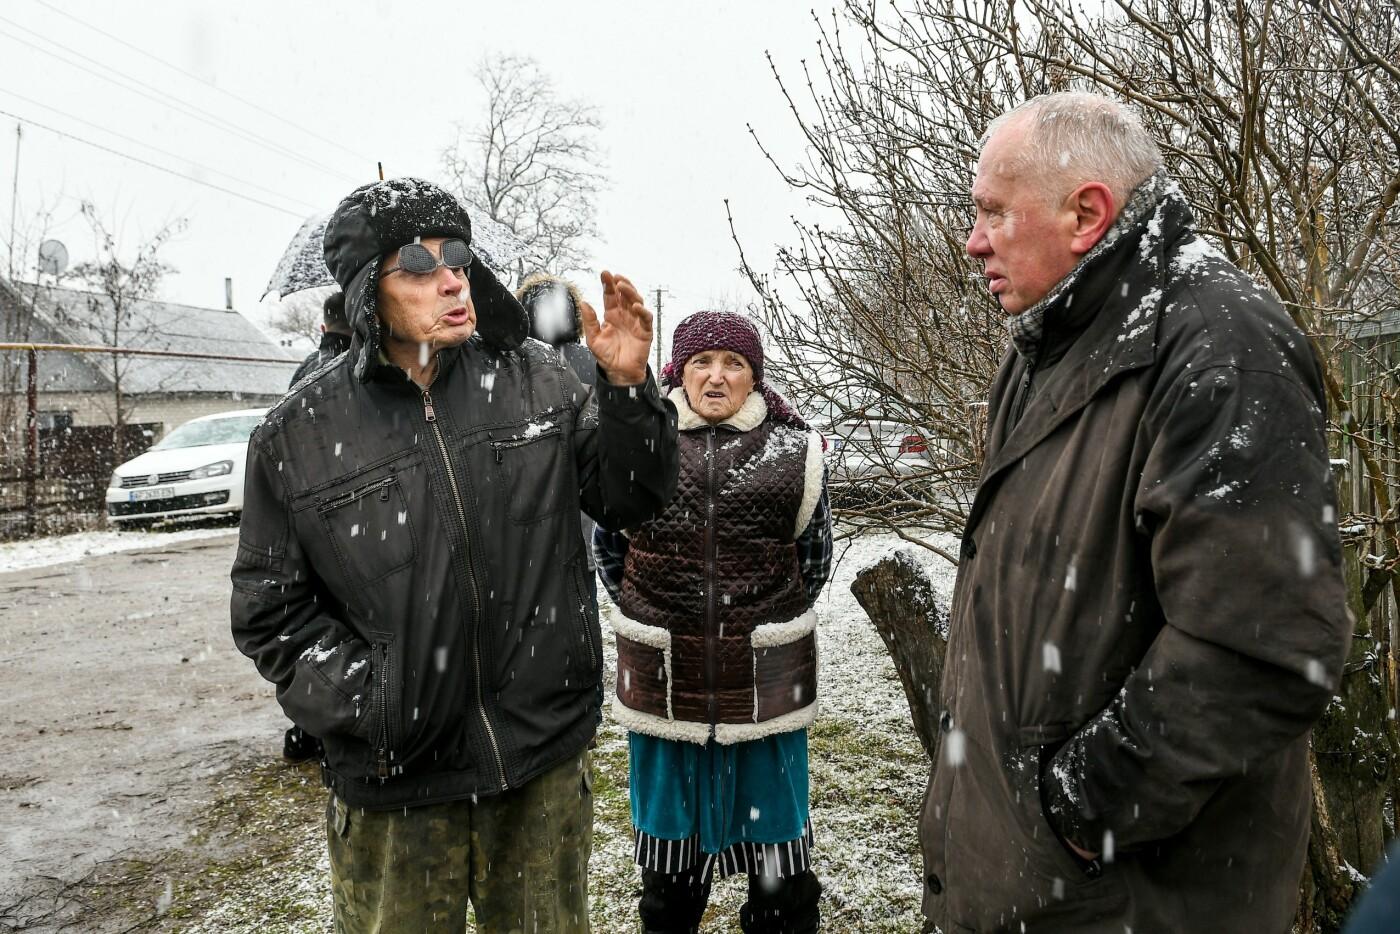 В Запорожской области эксперты по радиологии начали отбирать пробы в селе, где планируют построить каолиновый карьер, фото-3